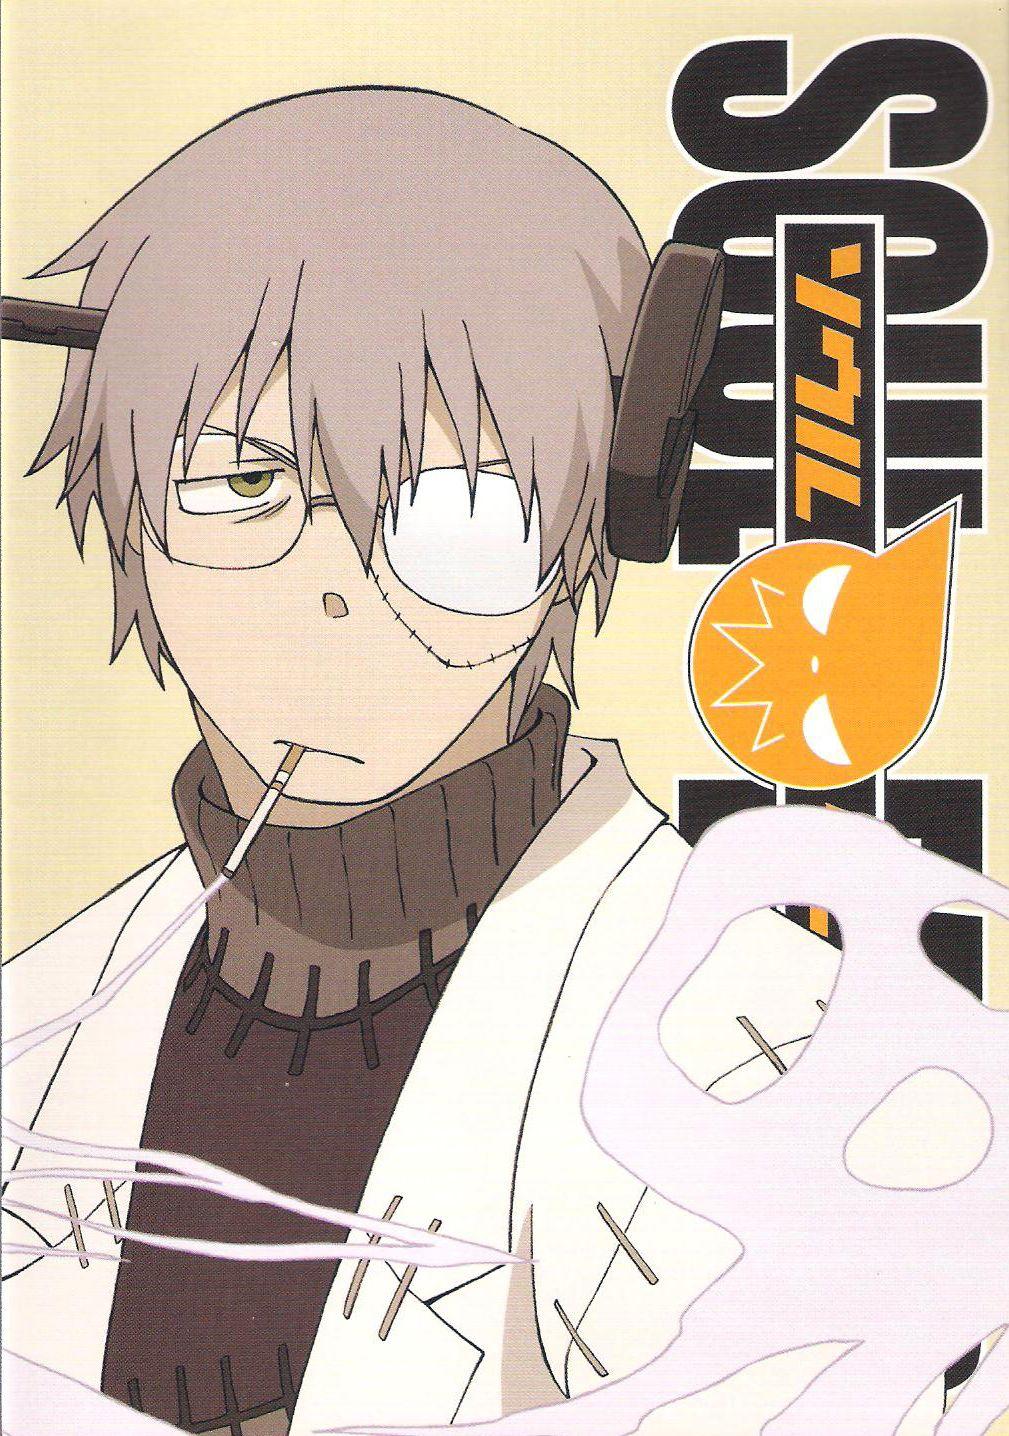 Dr Frankenstein Soul Eater : frankenstein, eater, Eater...., Frankenstein, Anime, Soul,, Eater, Manga,, Stein